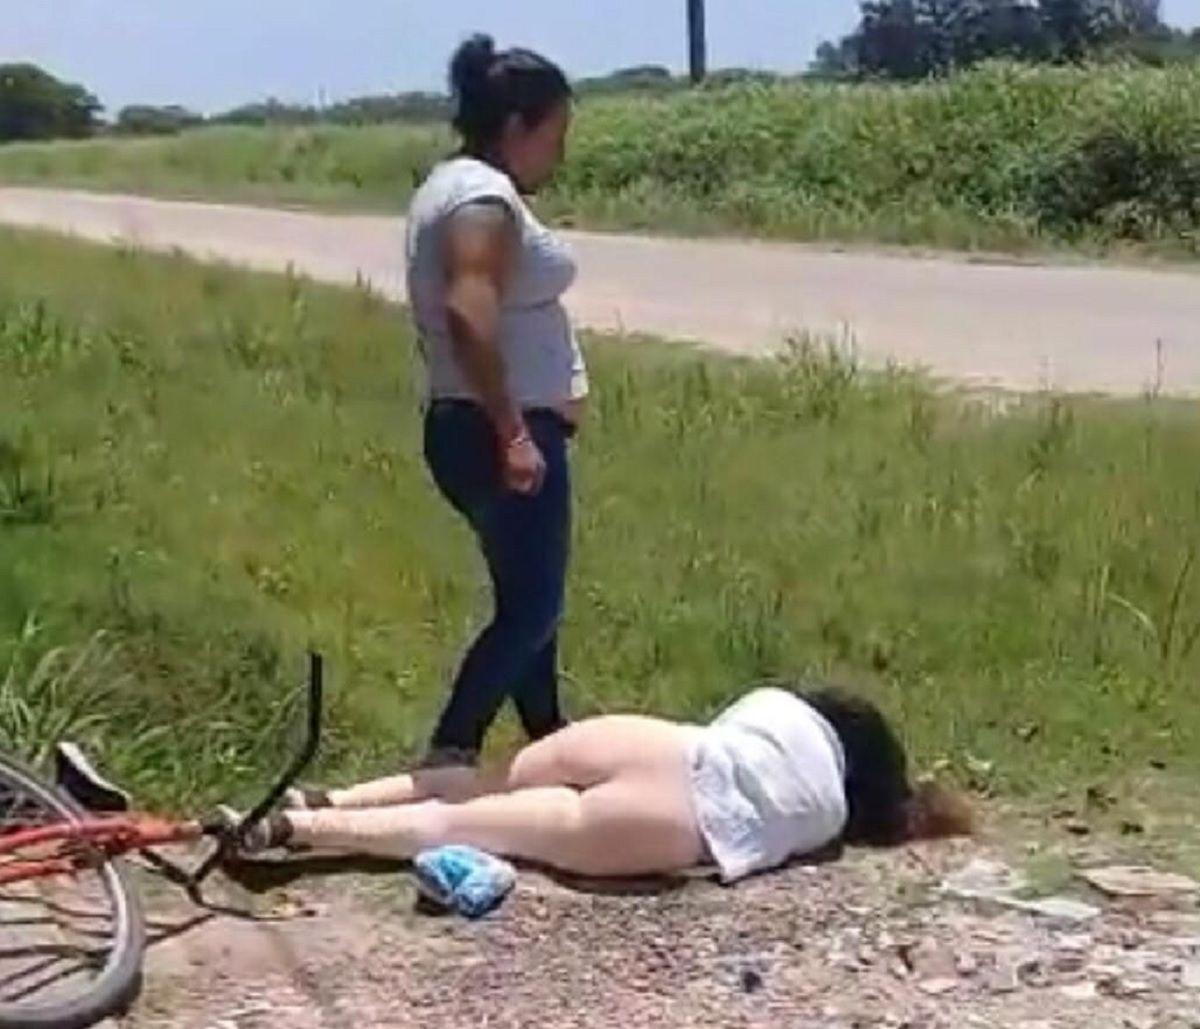 El viral más salvaje: una mujer molió a golpes a otra por una infidelidad